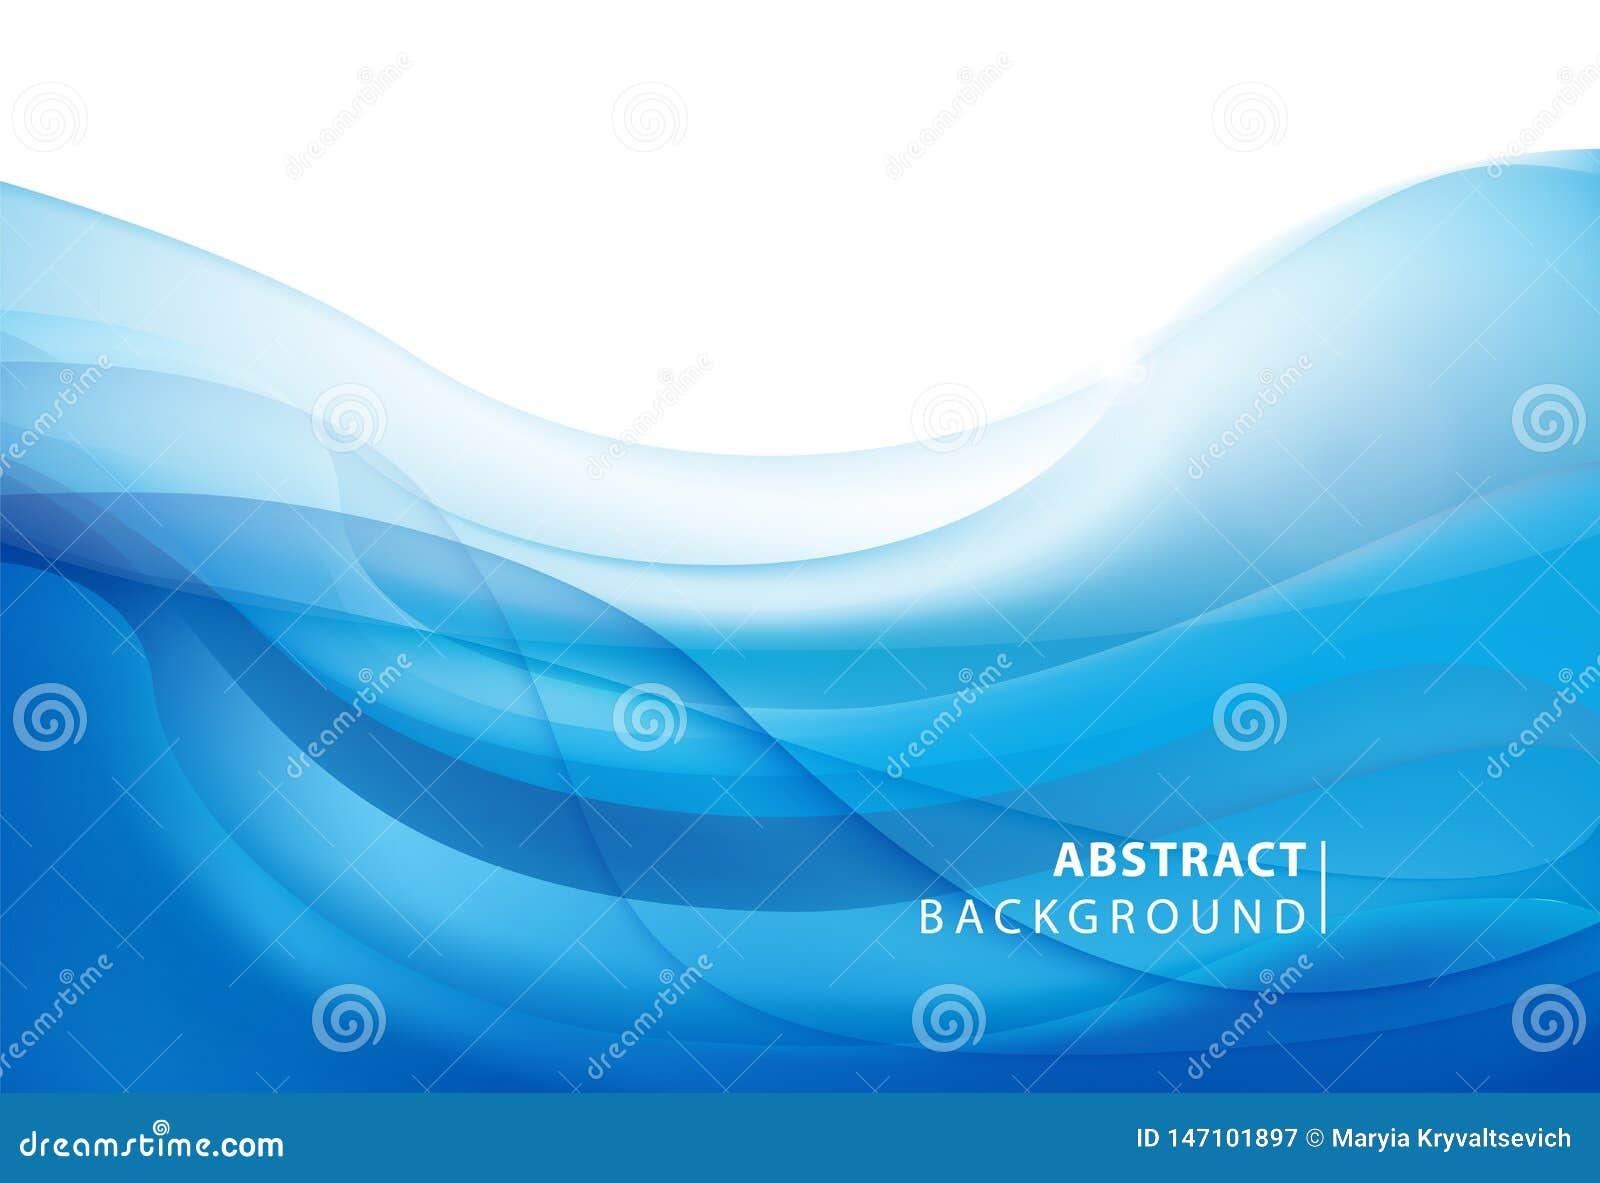 Abstrakter vektorblauer Hintergrund Grafikdesign-Vorlage für Broschüre, Website, App für mobile Geräte, Broschüre Wasser